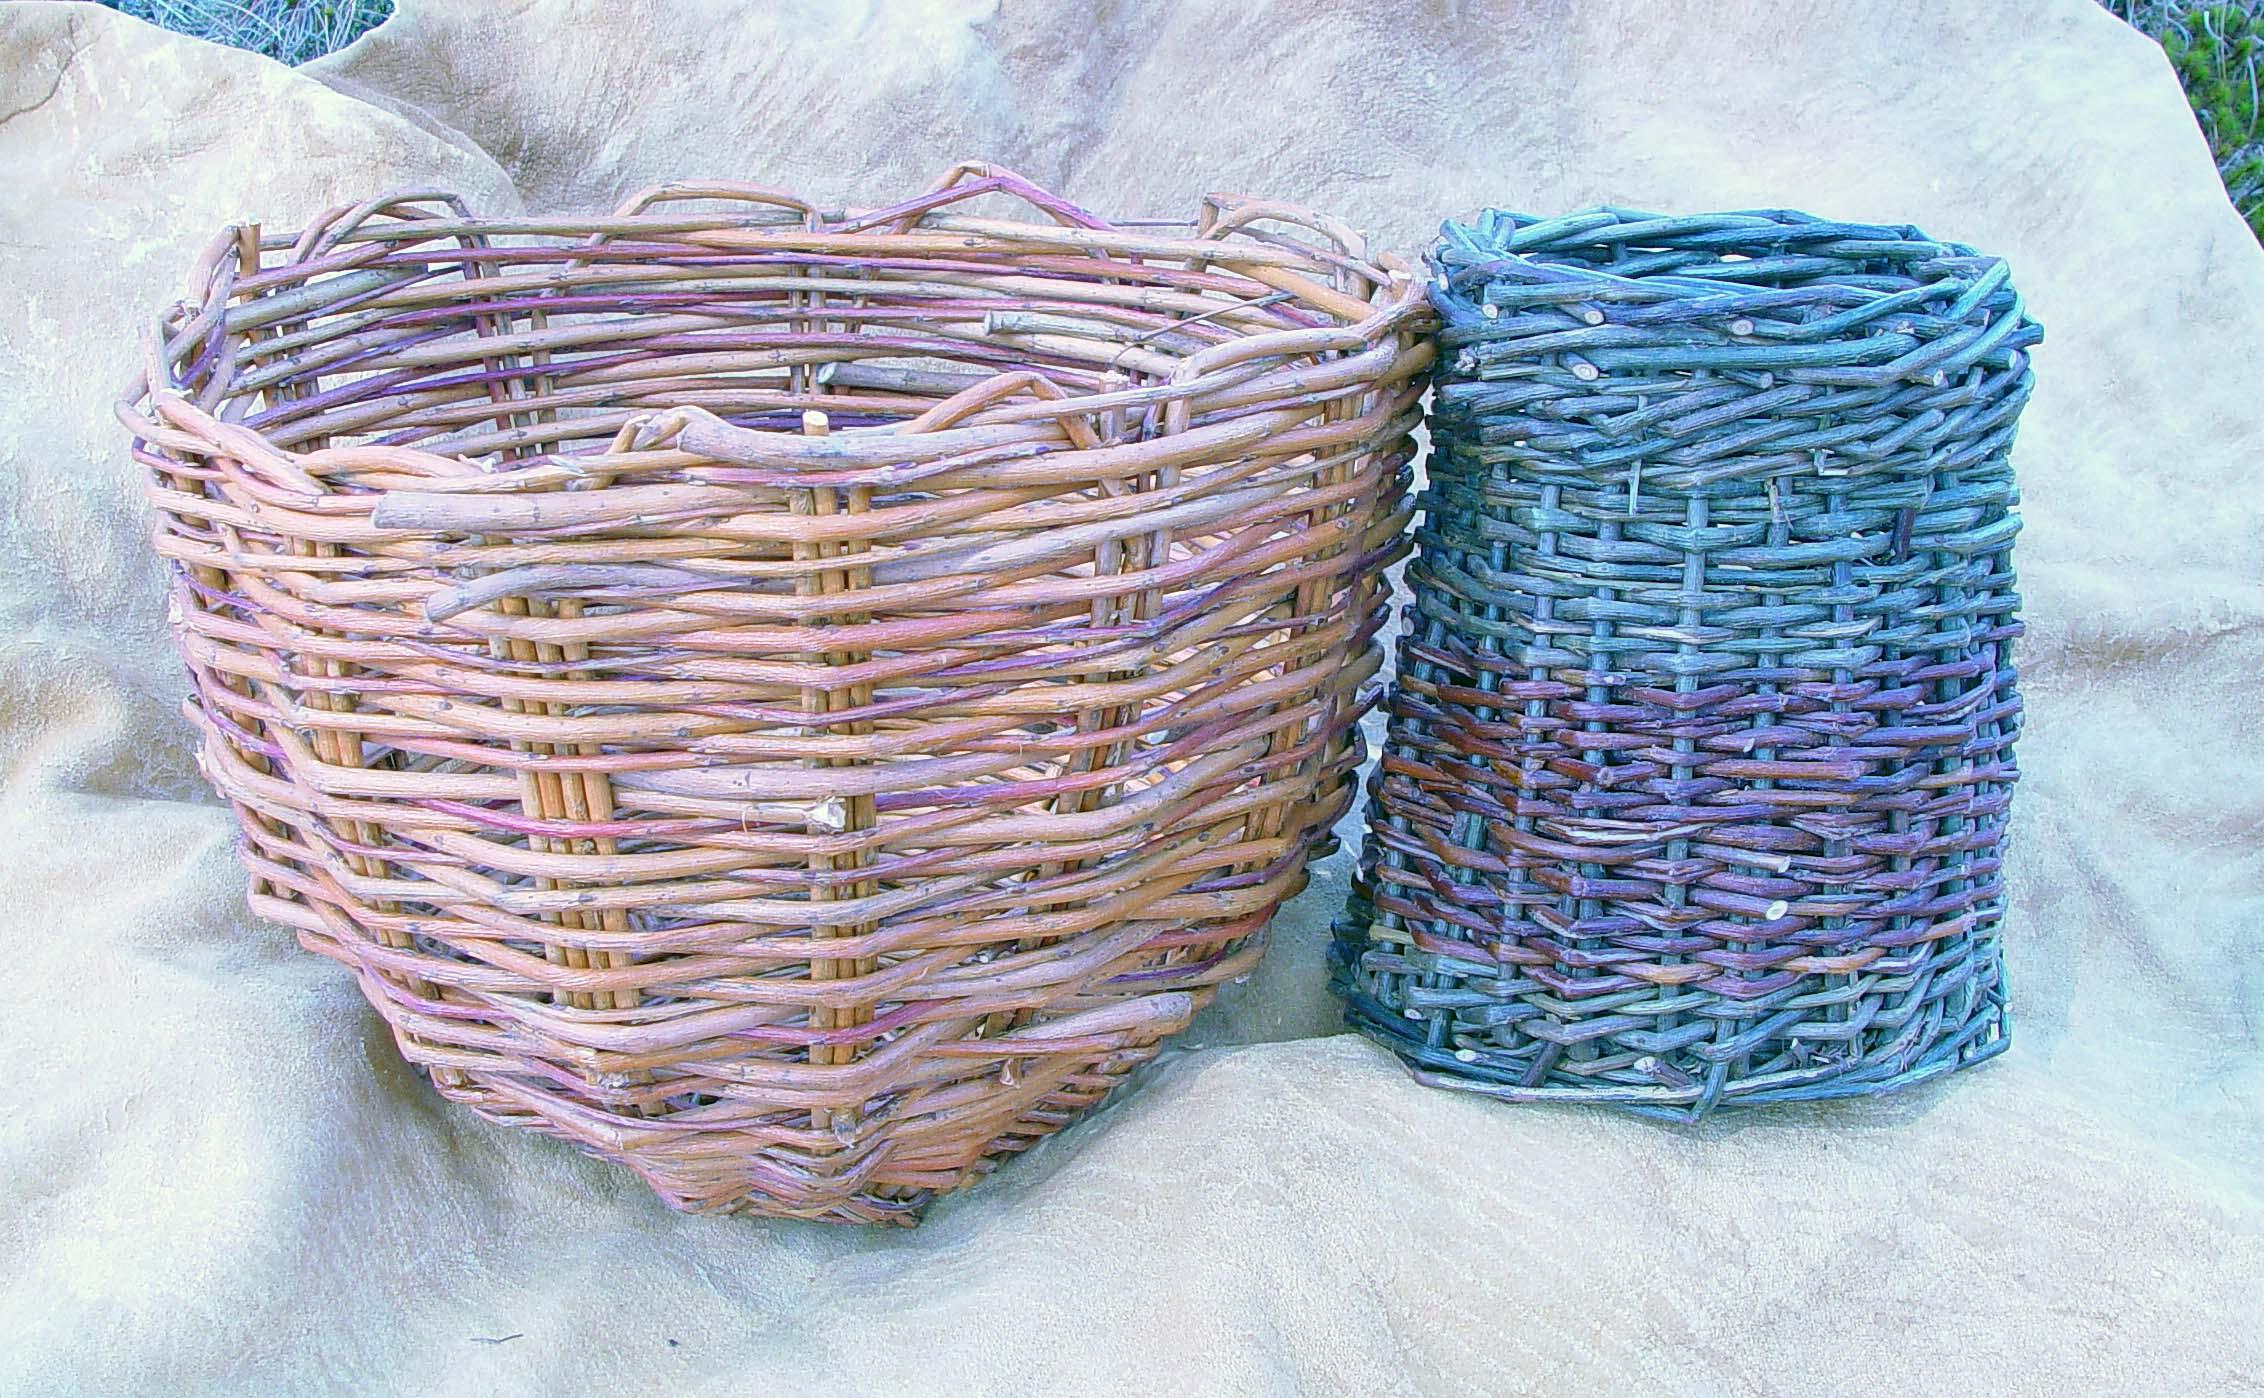 willow shoot baskets.jpg